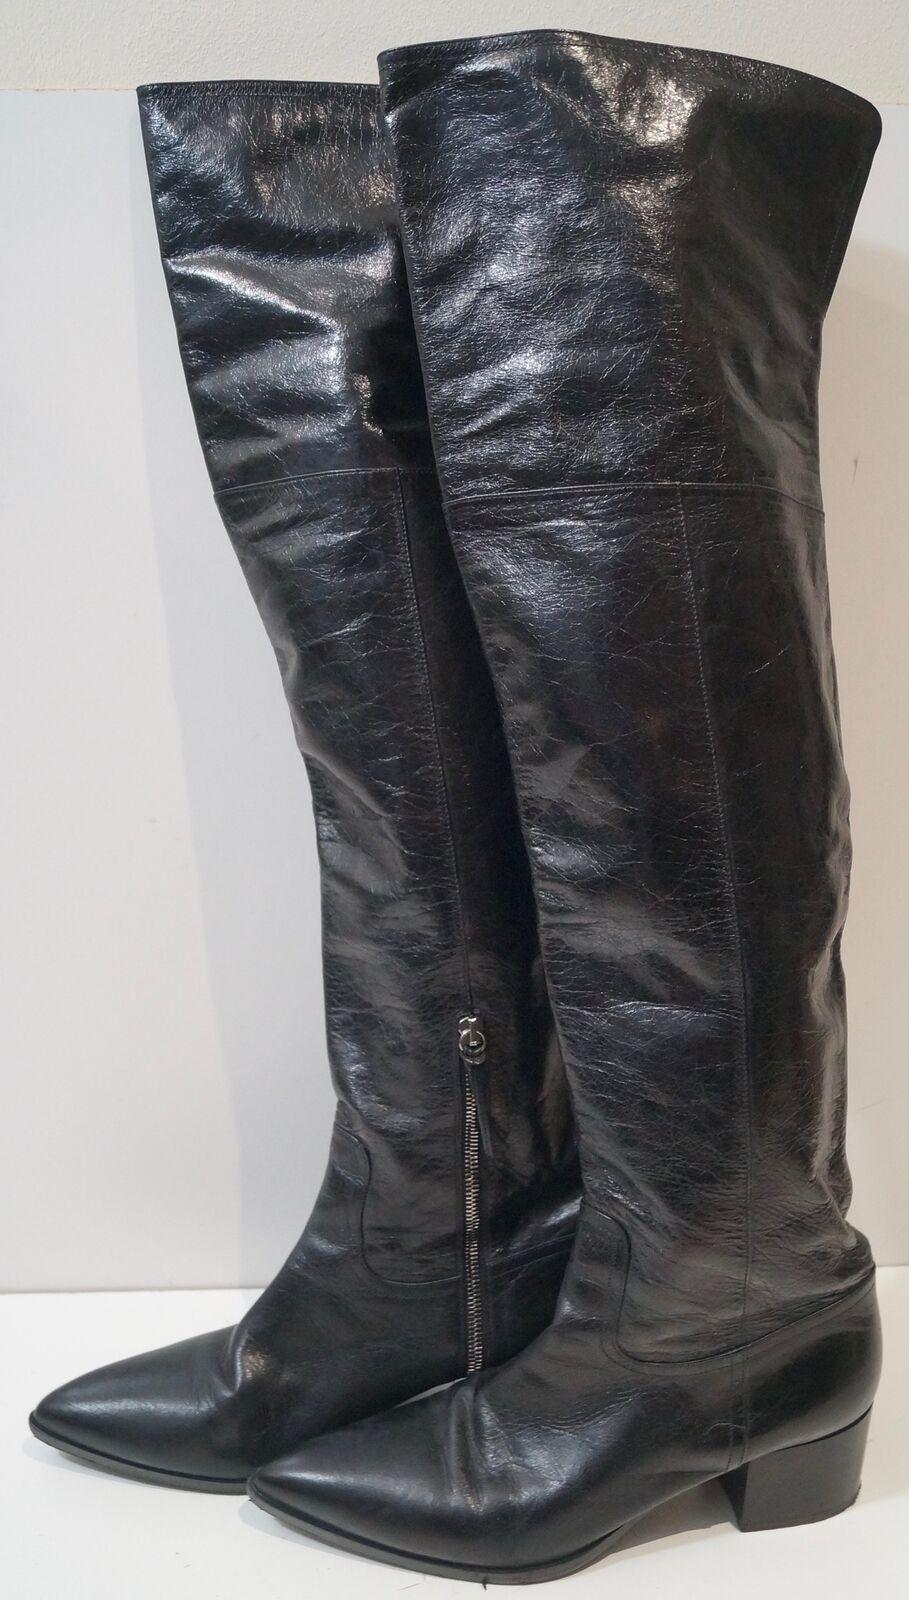 Zapatos de mujer baratos mujer zapatos de mujer baratos Miu MIU Cuero Negro Hecho en Italia Puntera en Punta Sobre la Rodilla Botas Planas IT41 UK8 19fd2b